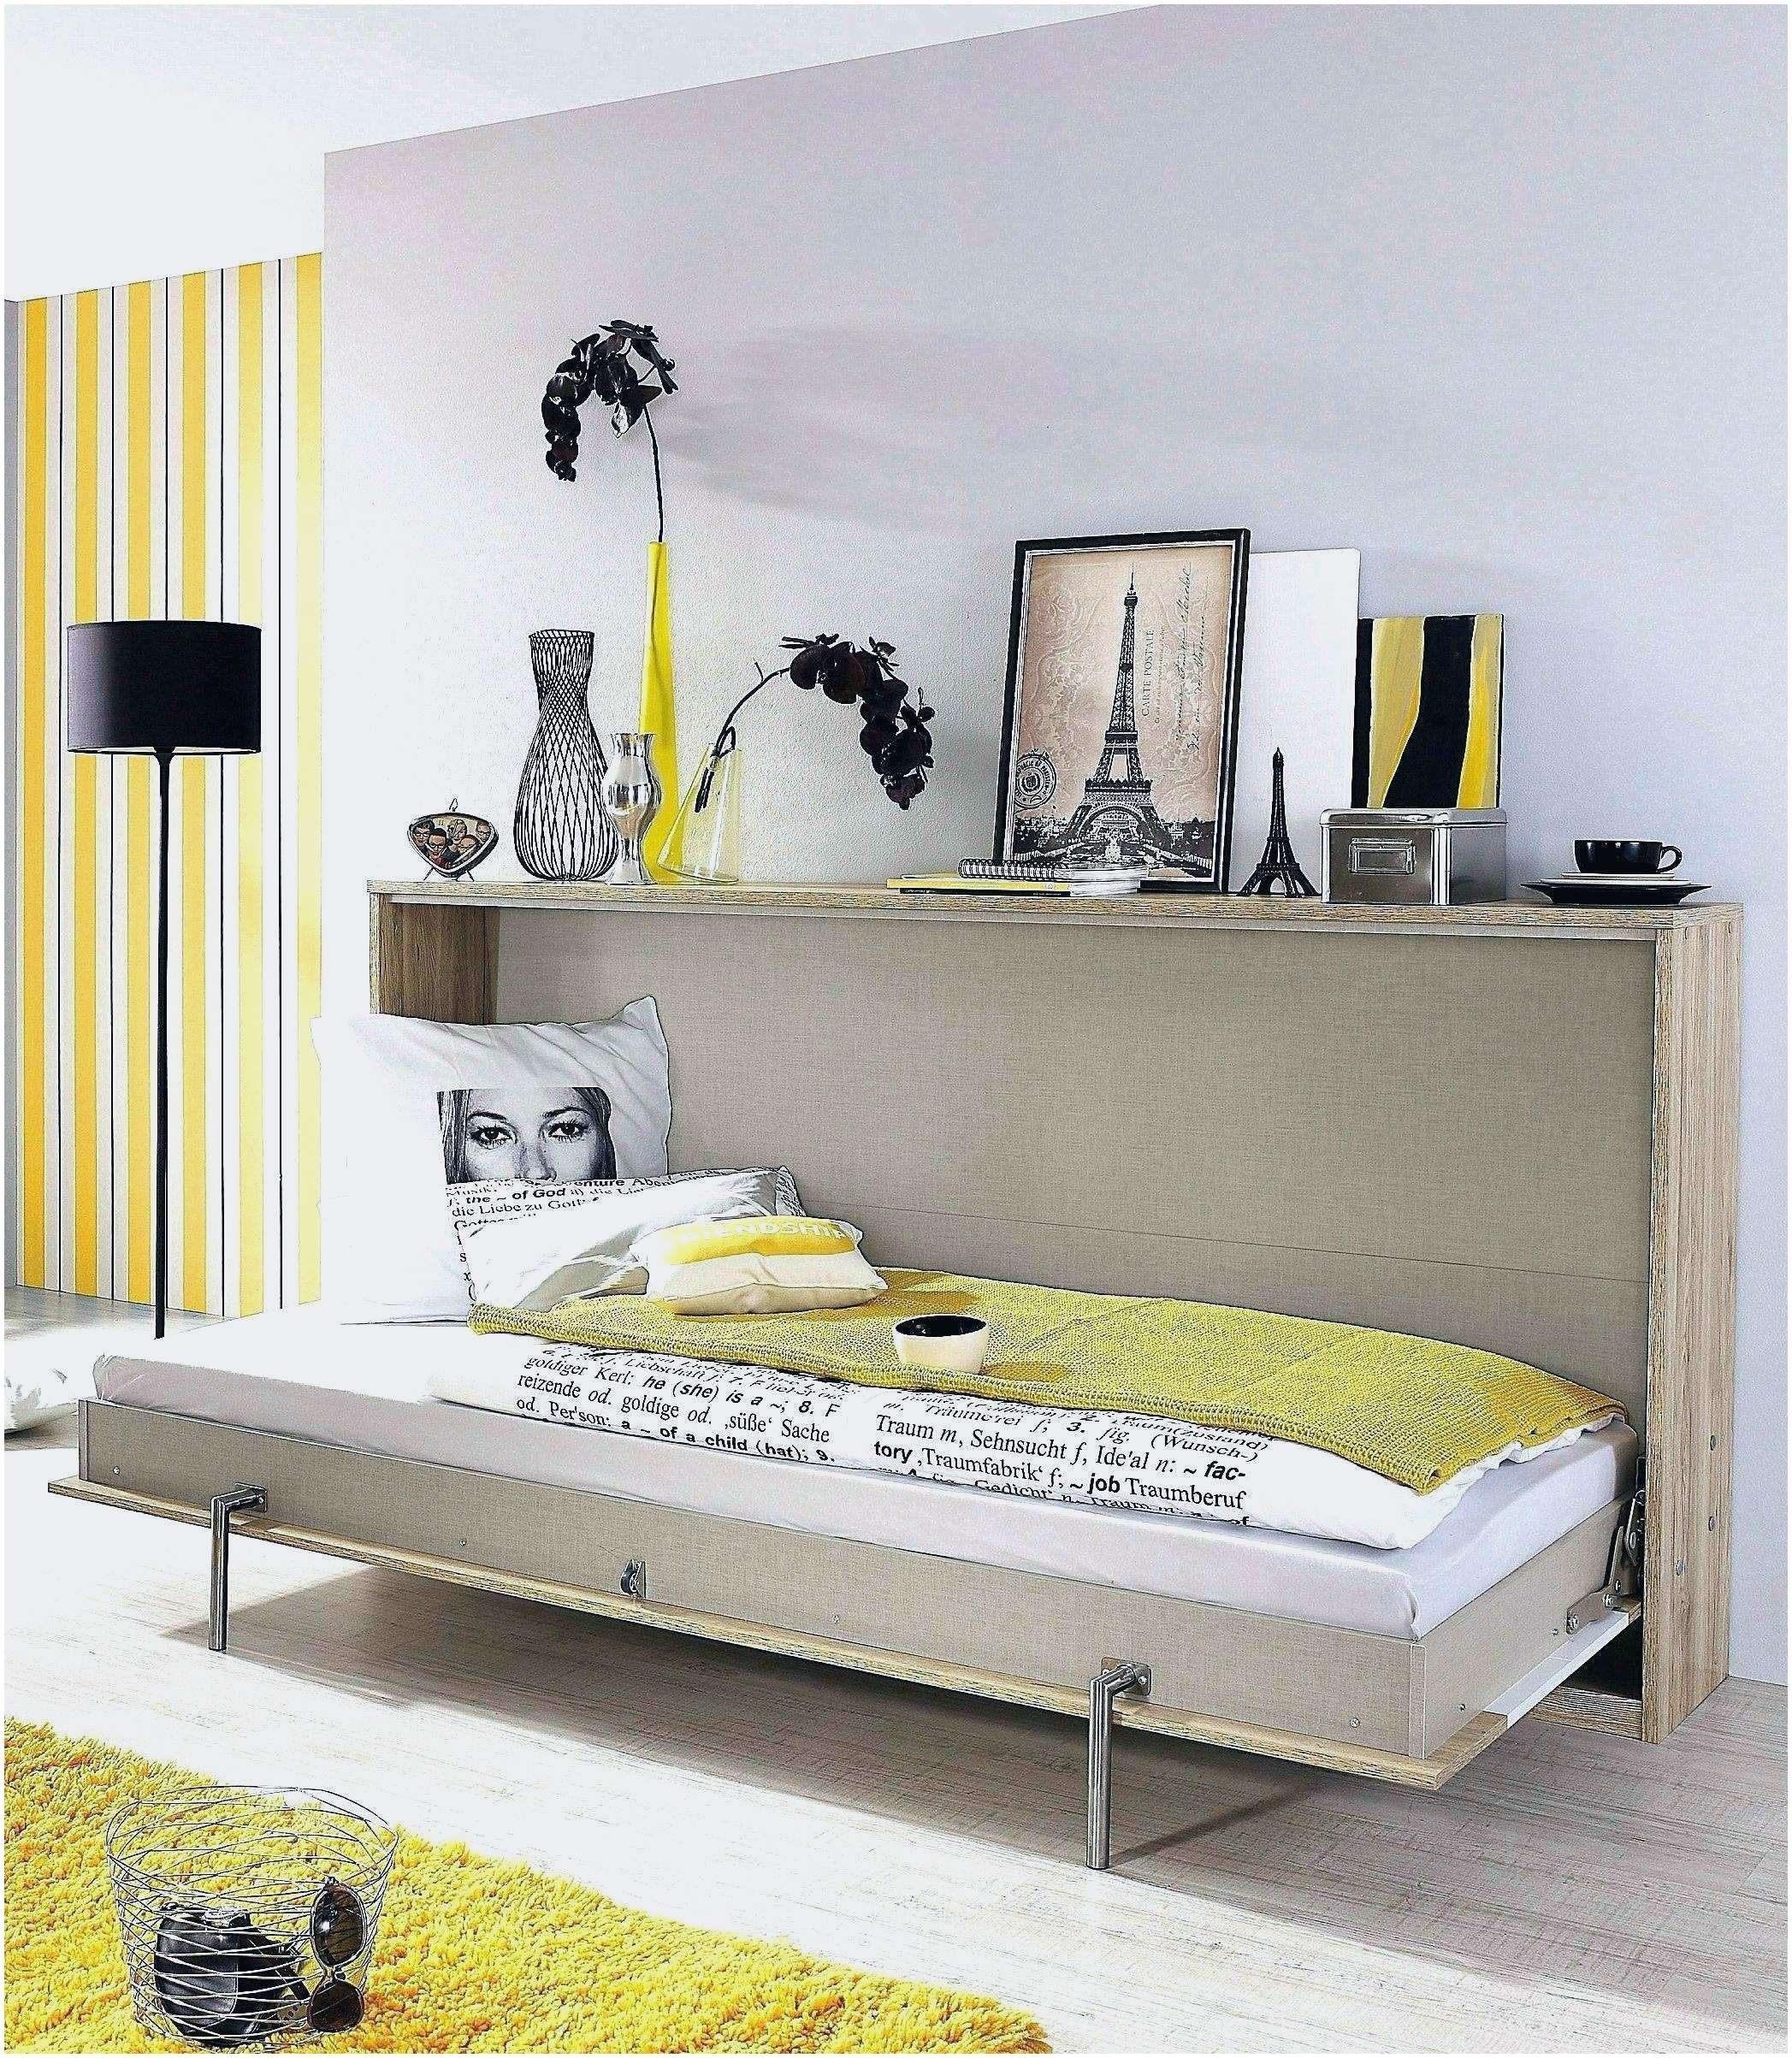 Housse Tete De Lit 140 Élégant Frais 34 Référence Cabane A Lit Home Design Inspirasti Pour Choix